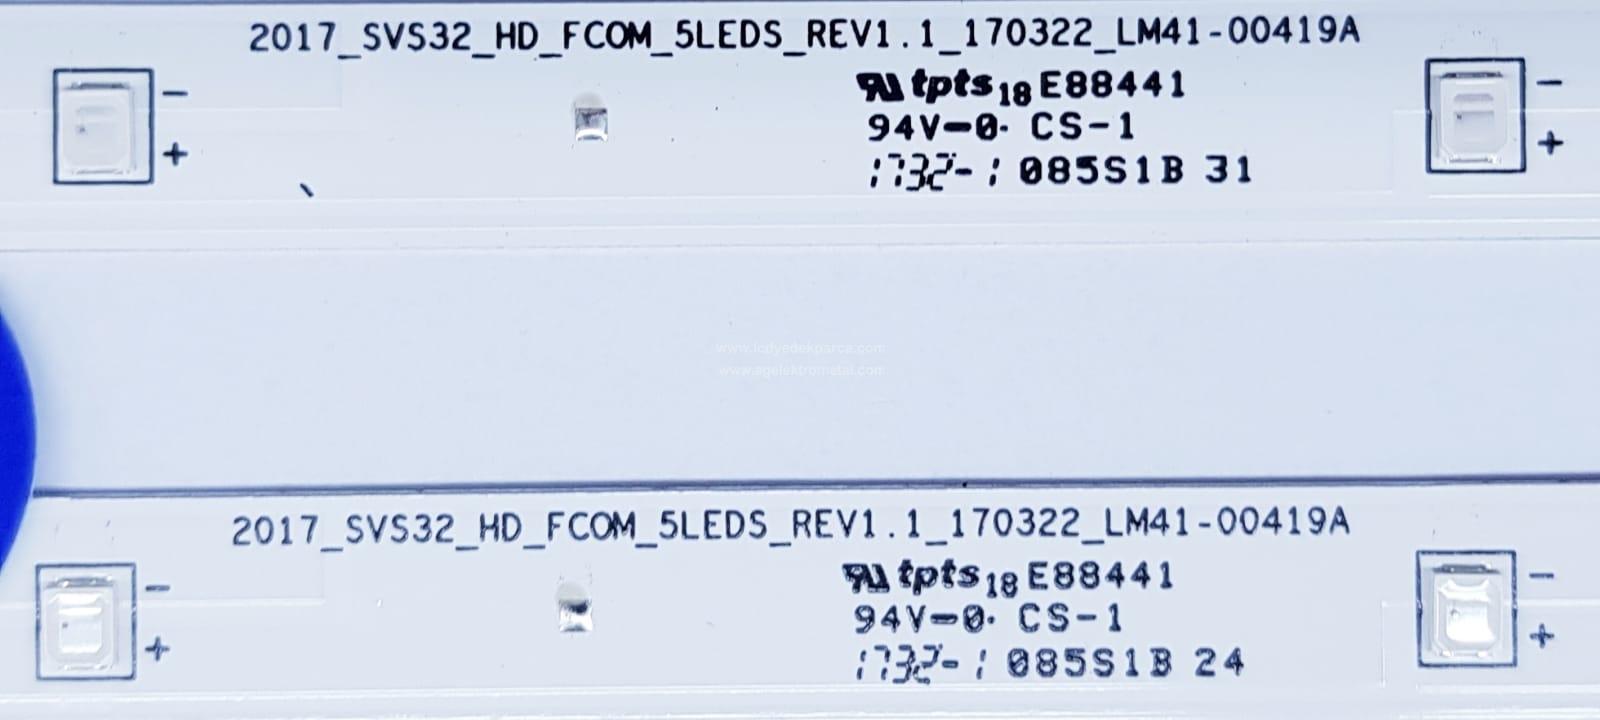 2017_SVS32_HD_FCOM_5LEDS_REV1.1 , 170322_LM41-00419A , UE32K4000 , CY-JM032AGHV3V , BN95-04266C , 2 ADET LED ÇUBUK